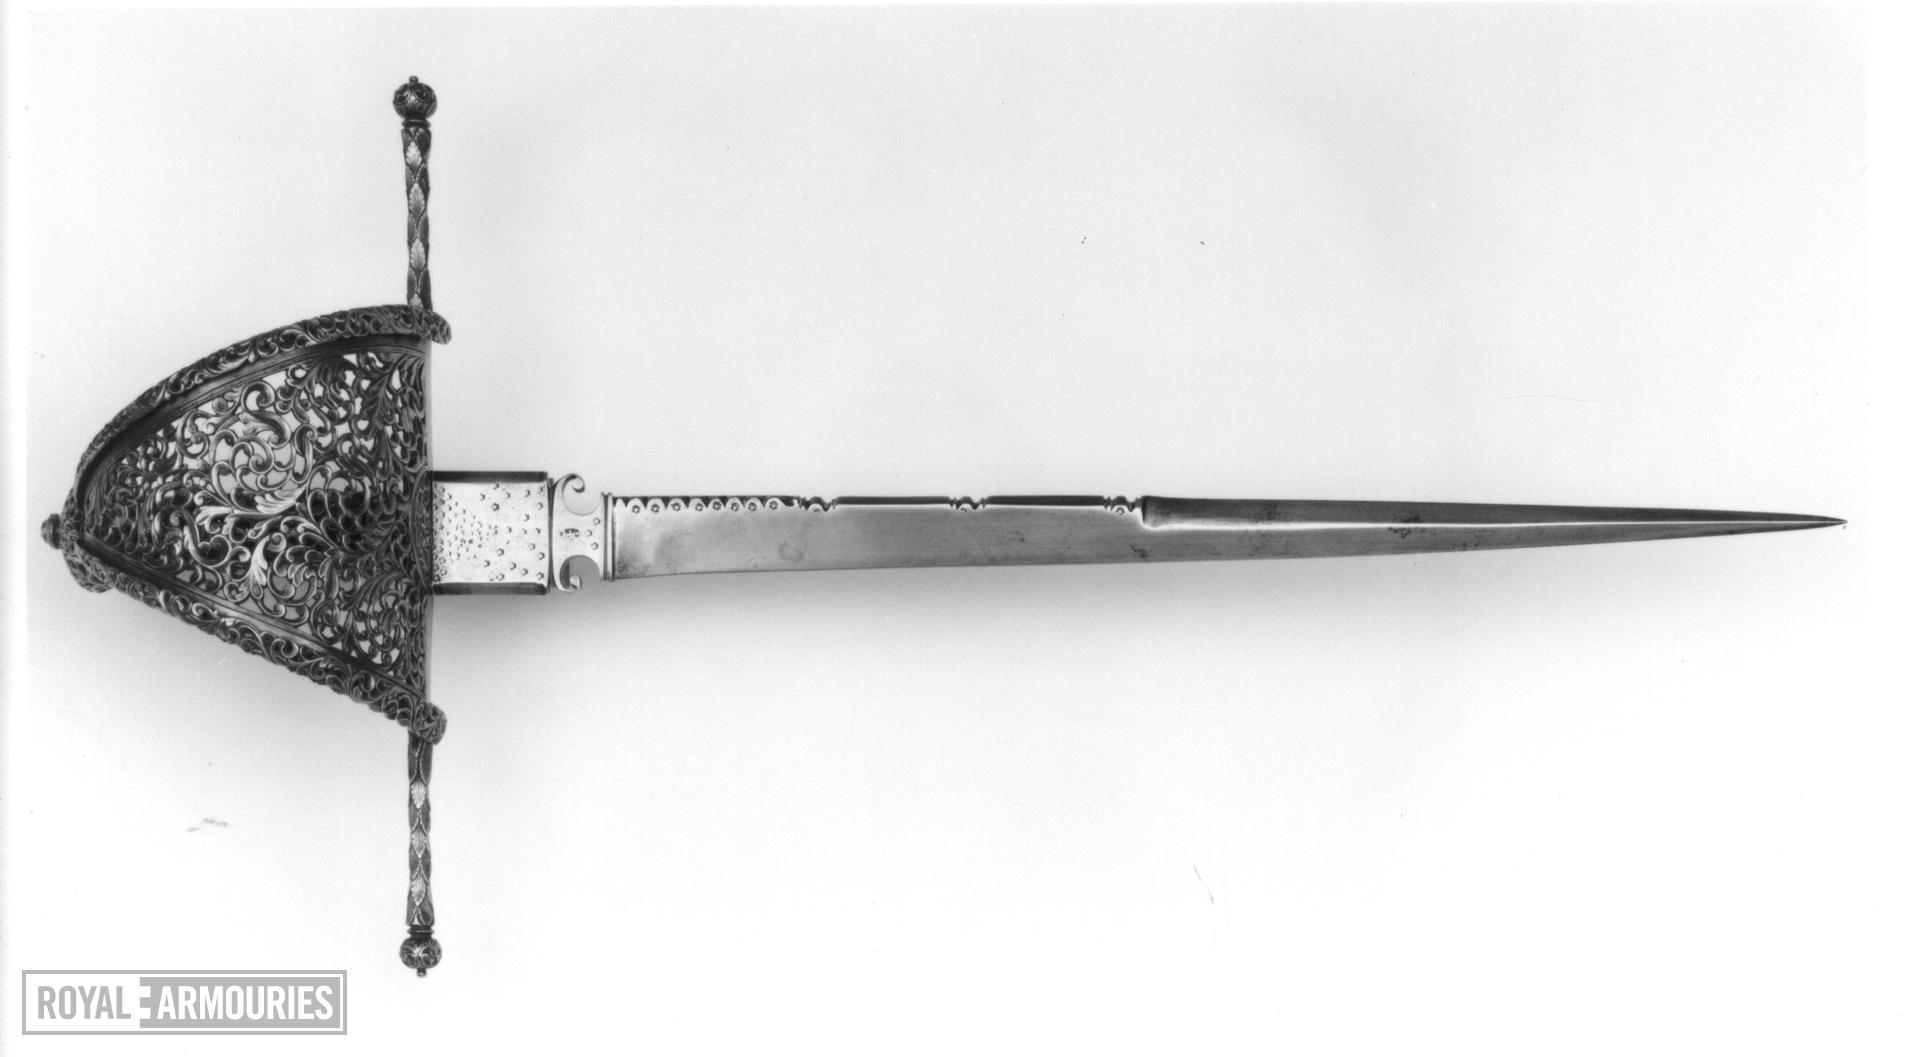 Dagger Left hand dagger